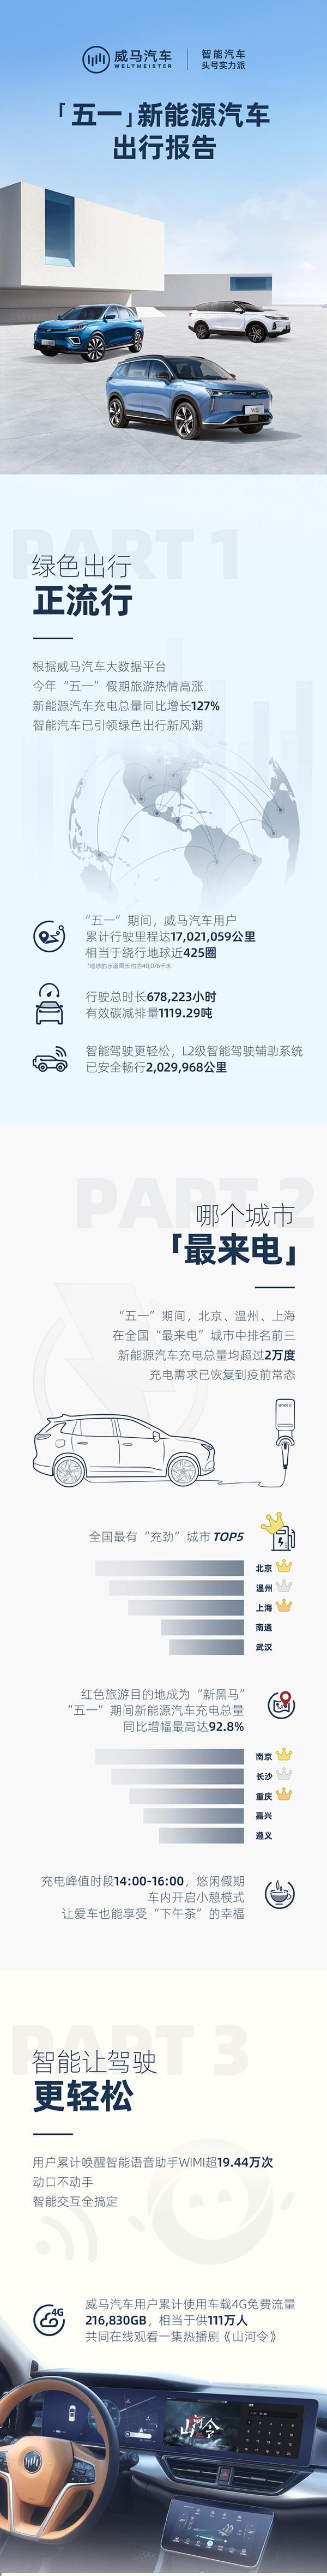 威马公布五一出行报告 用户累计行驶里程1702万公里